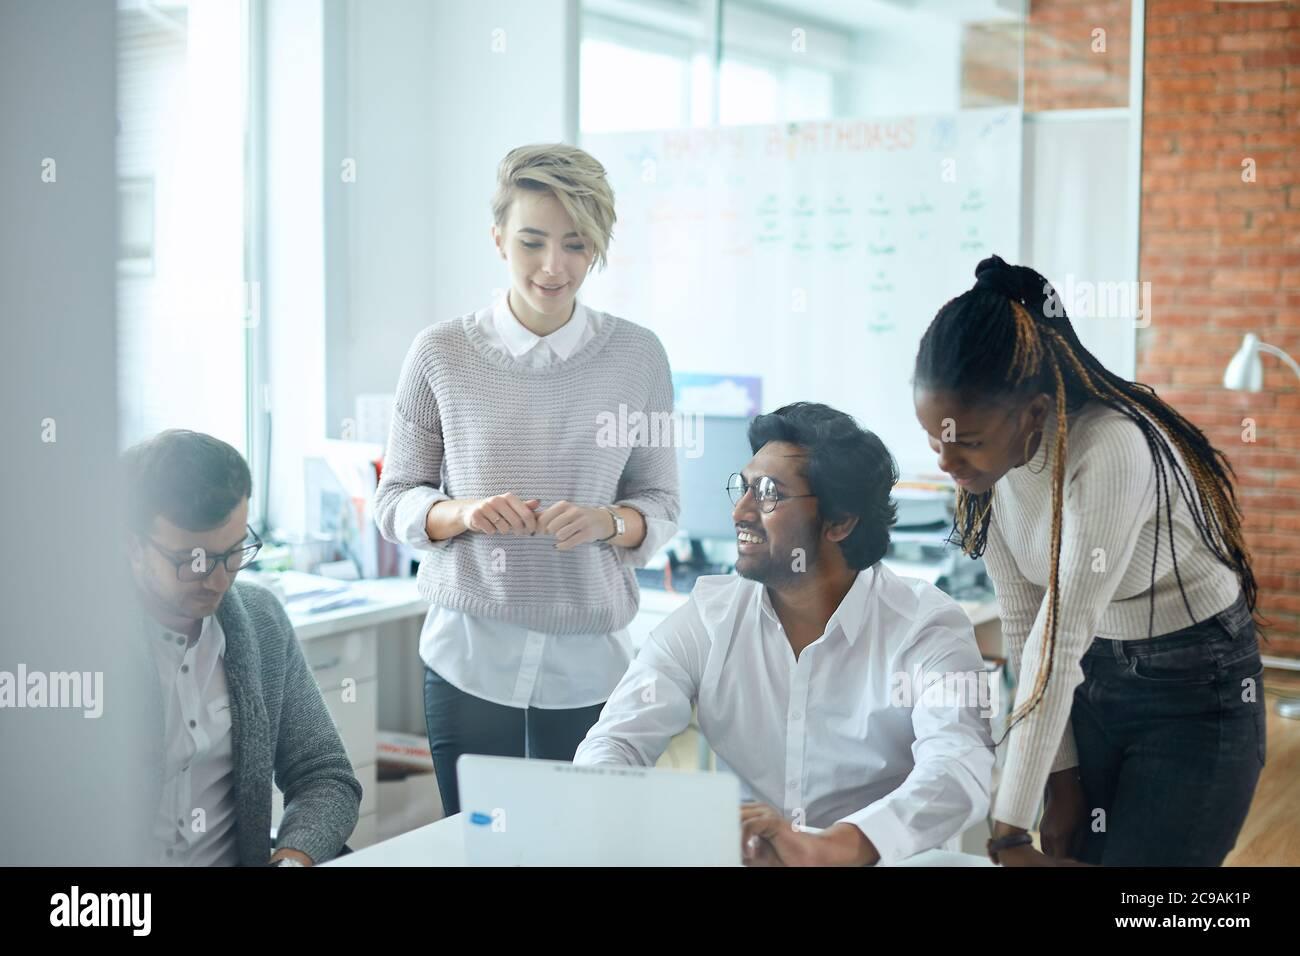 equipo activo que orginiza conferencia en línea en la sala de oficina con una pared de cristal. foto de cerca. Foto de stock